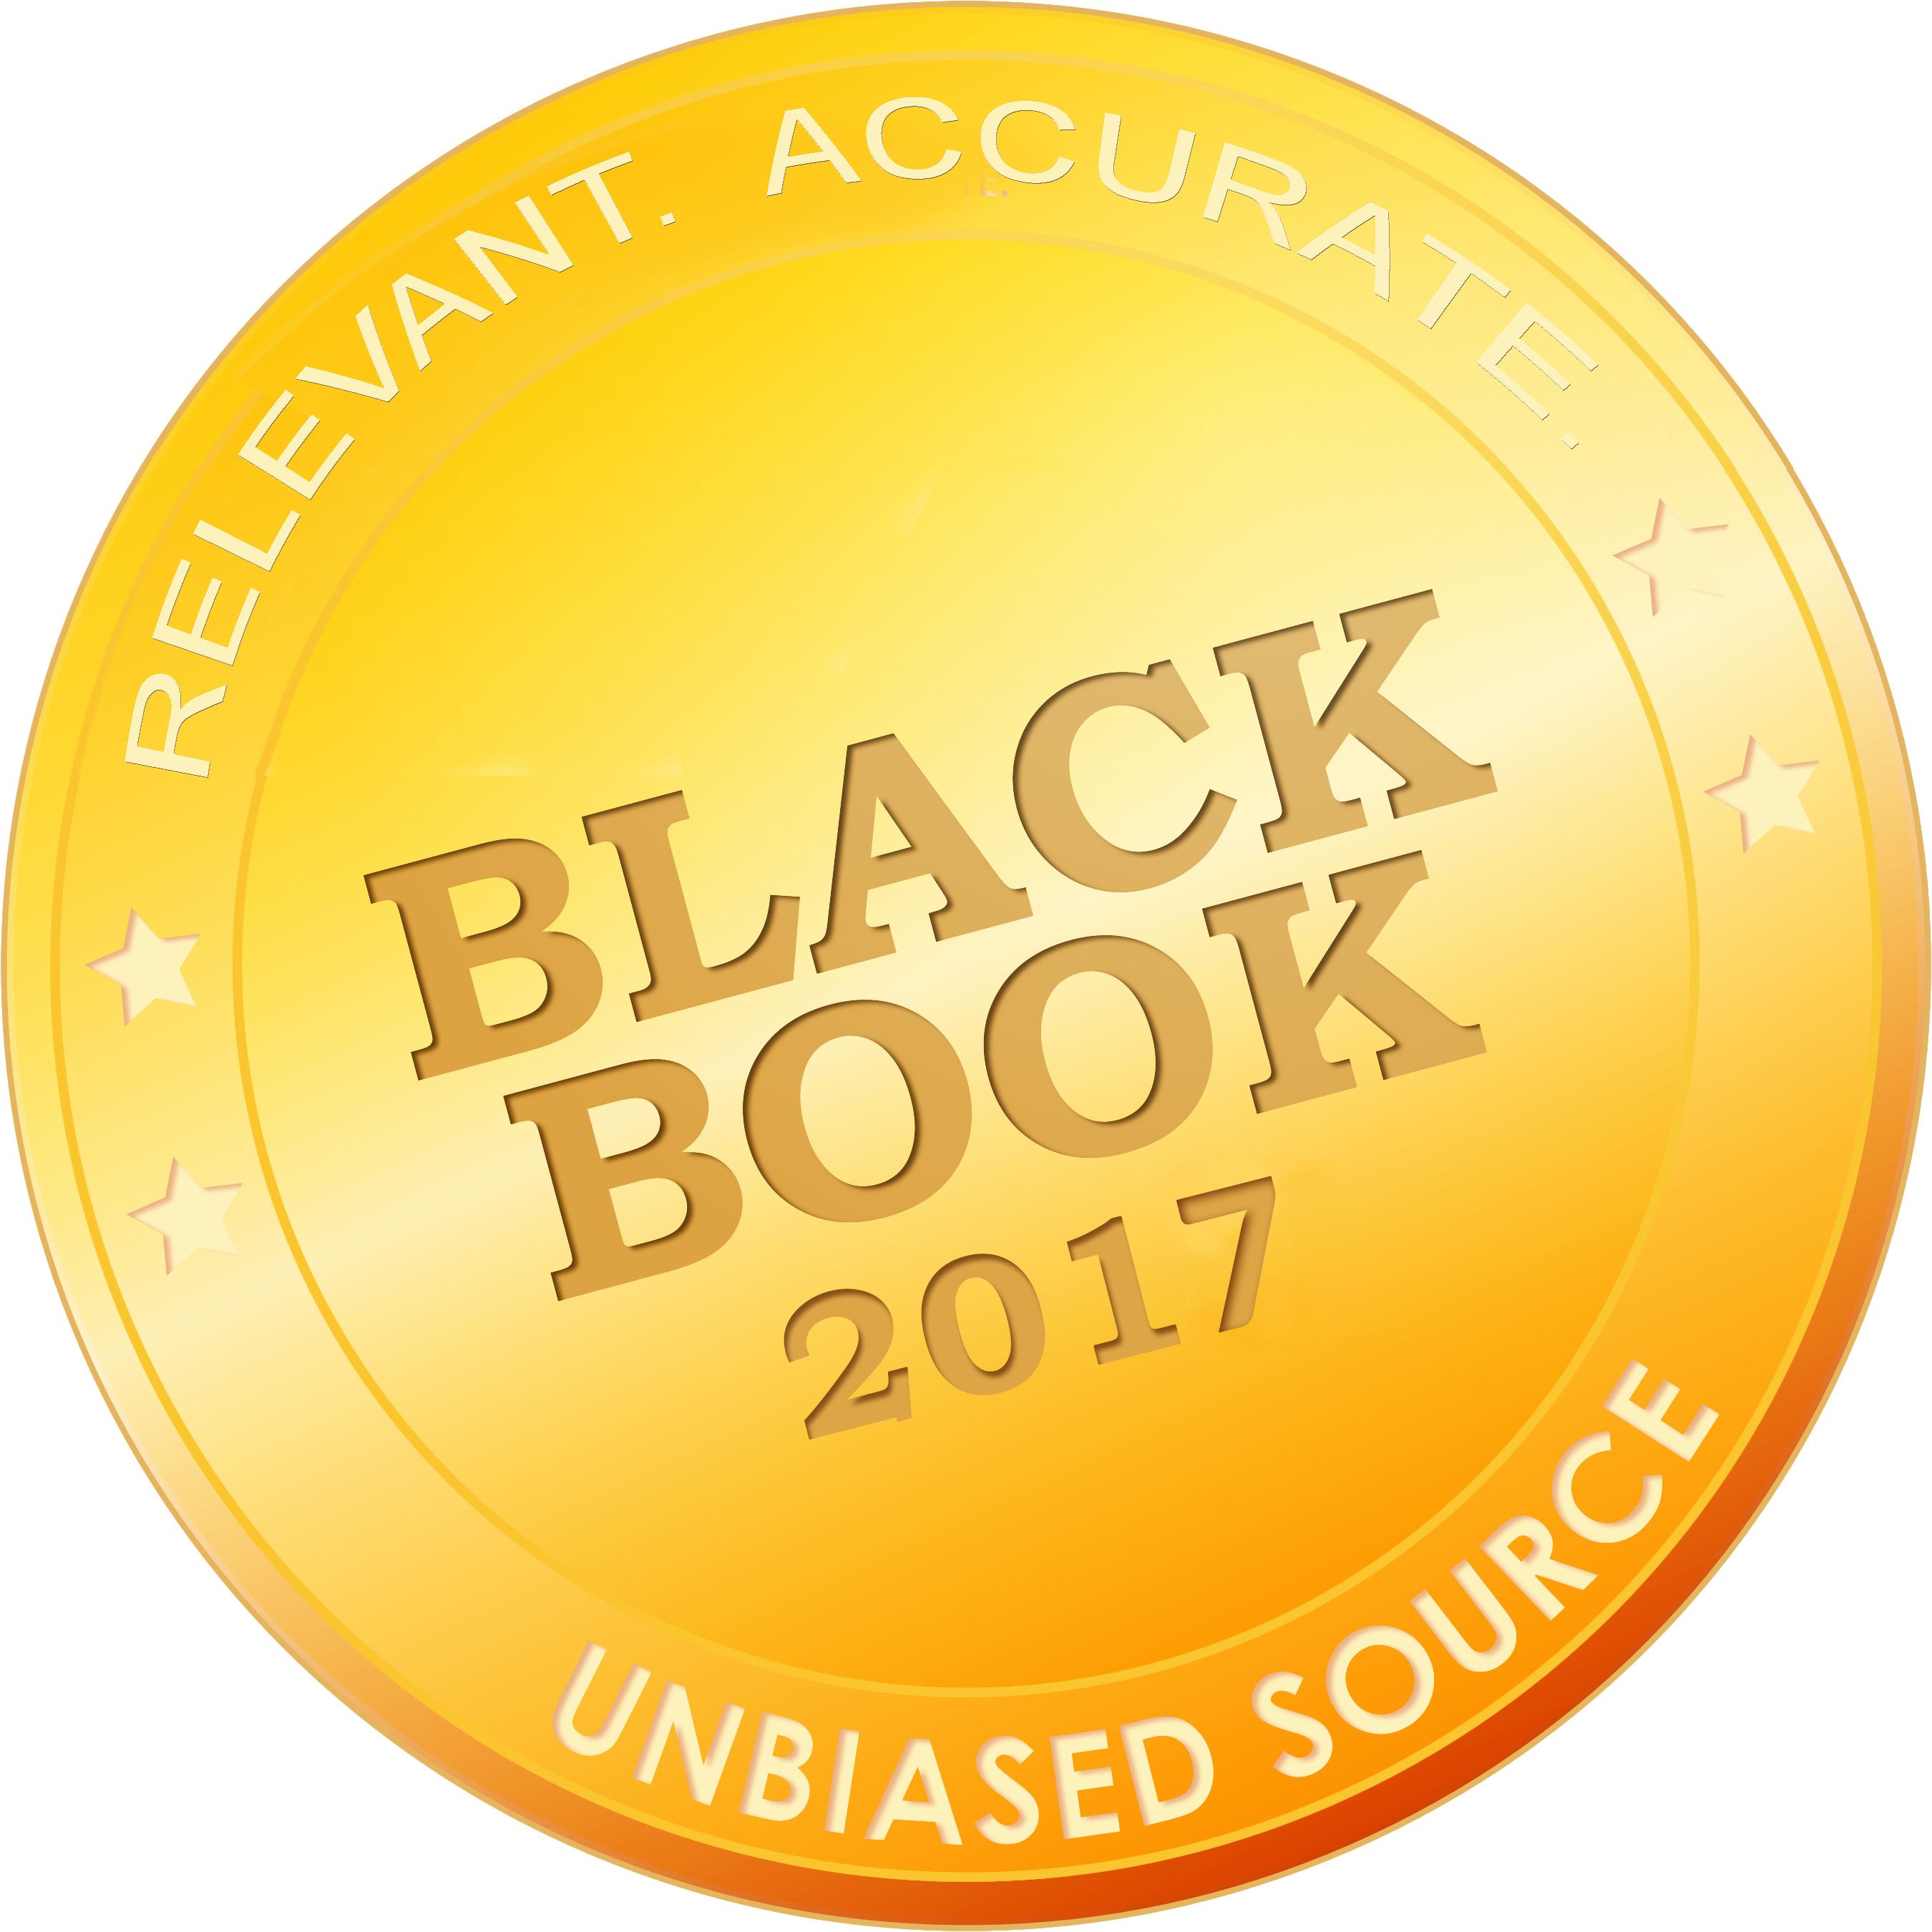 XIFIN received the Black Book Award